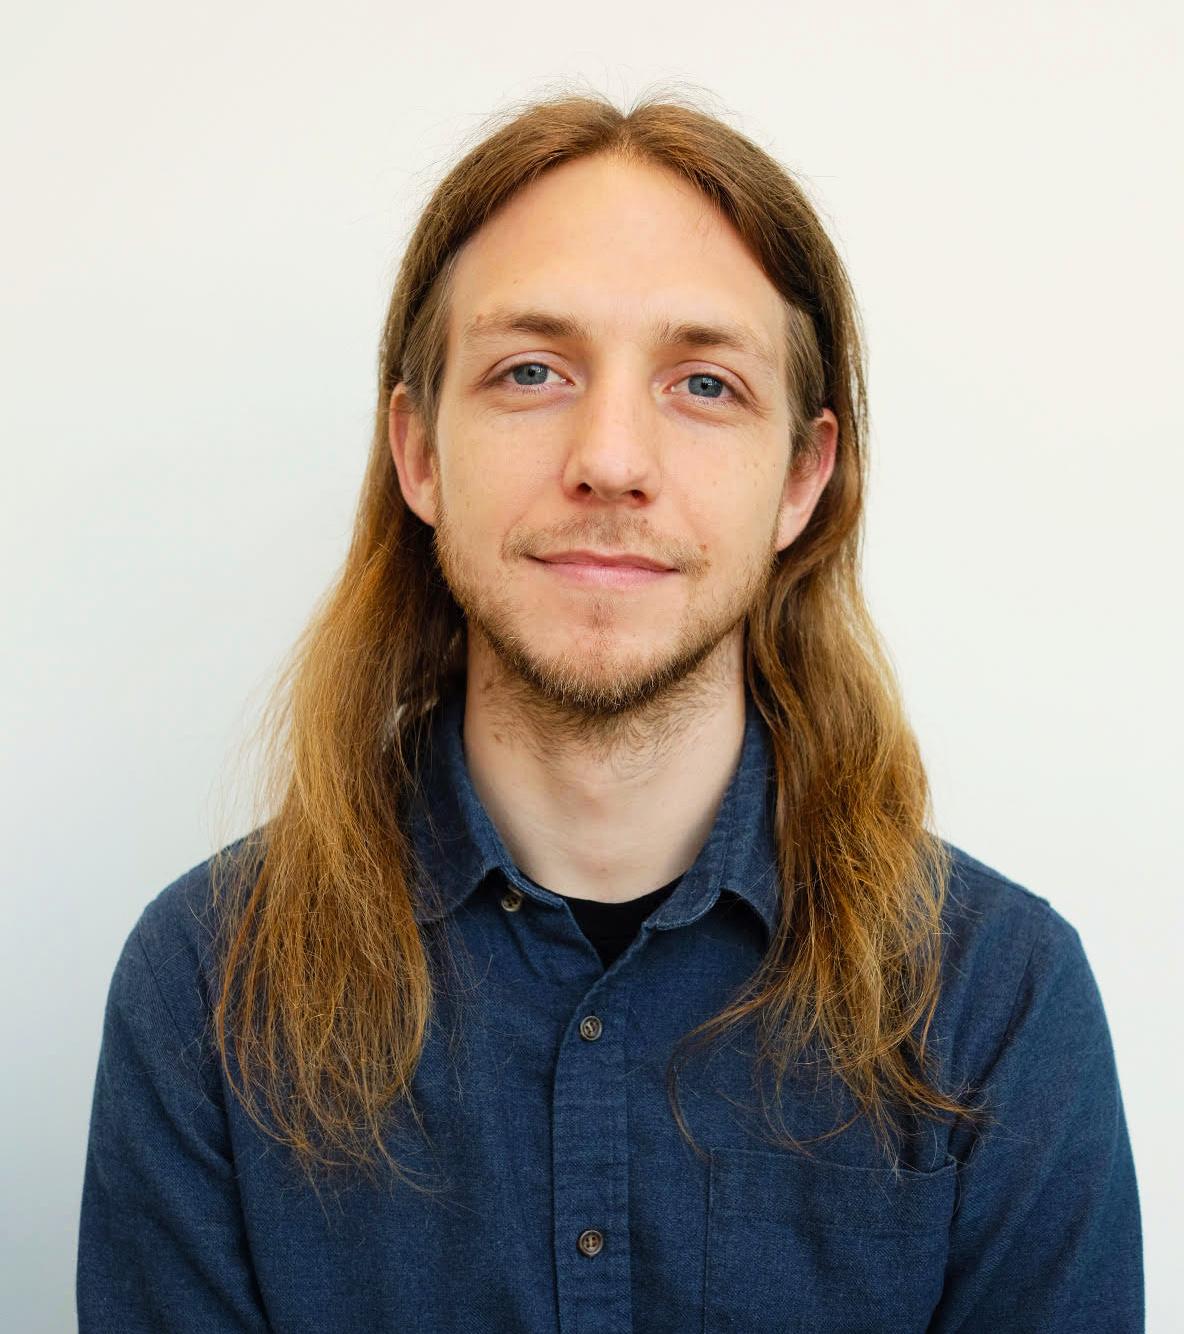 Matt taylor - Business & Brand DevelopmentCannabis Operations Specialist